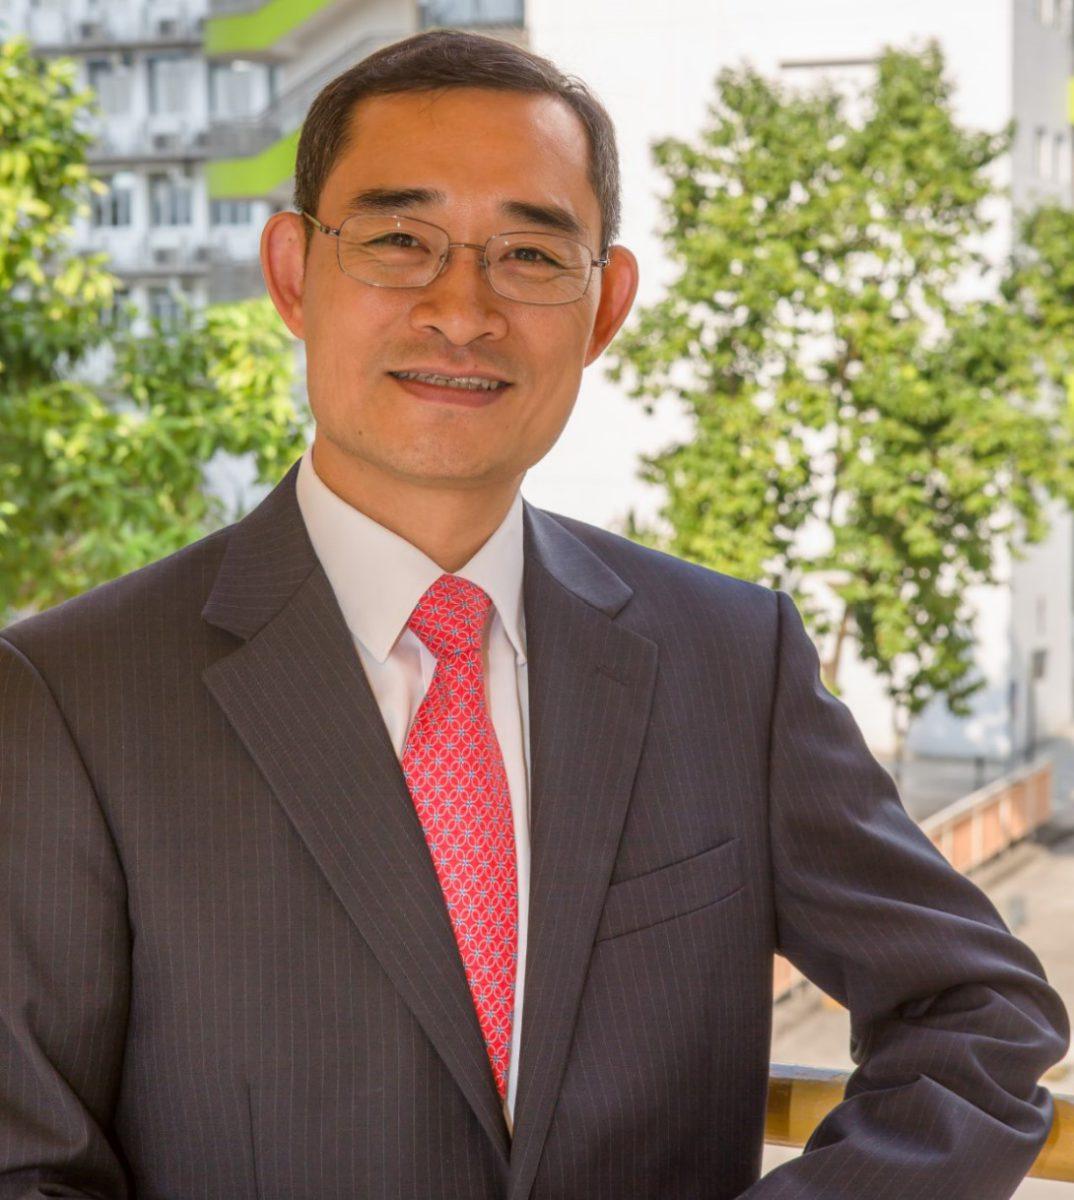 香港教育城行政總監鄭弼亮先生指出,疫情期間學界可順勢轉用較有彈性的混合式學習,並加入電子學習評估和學習平台,減省工作;還有為小學生提升判斷運用資訊的能力。